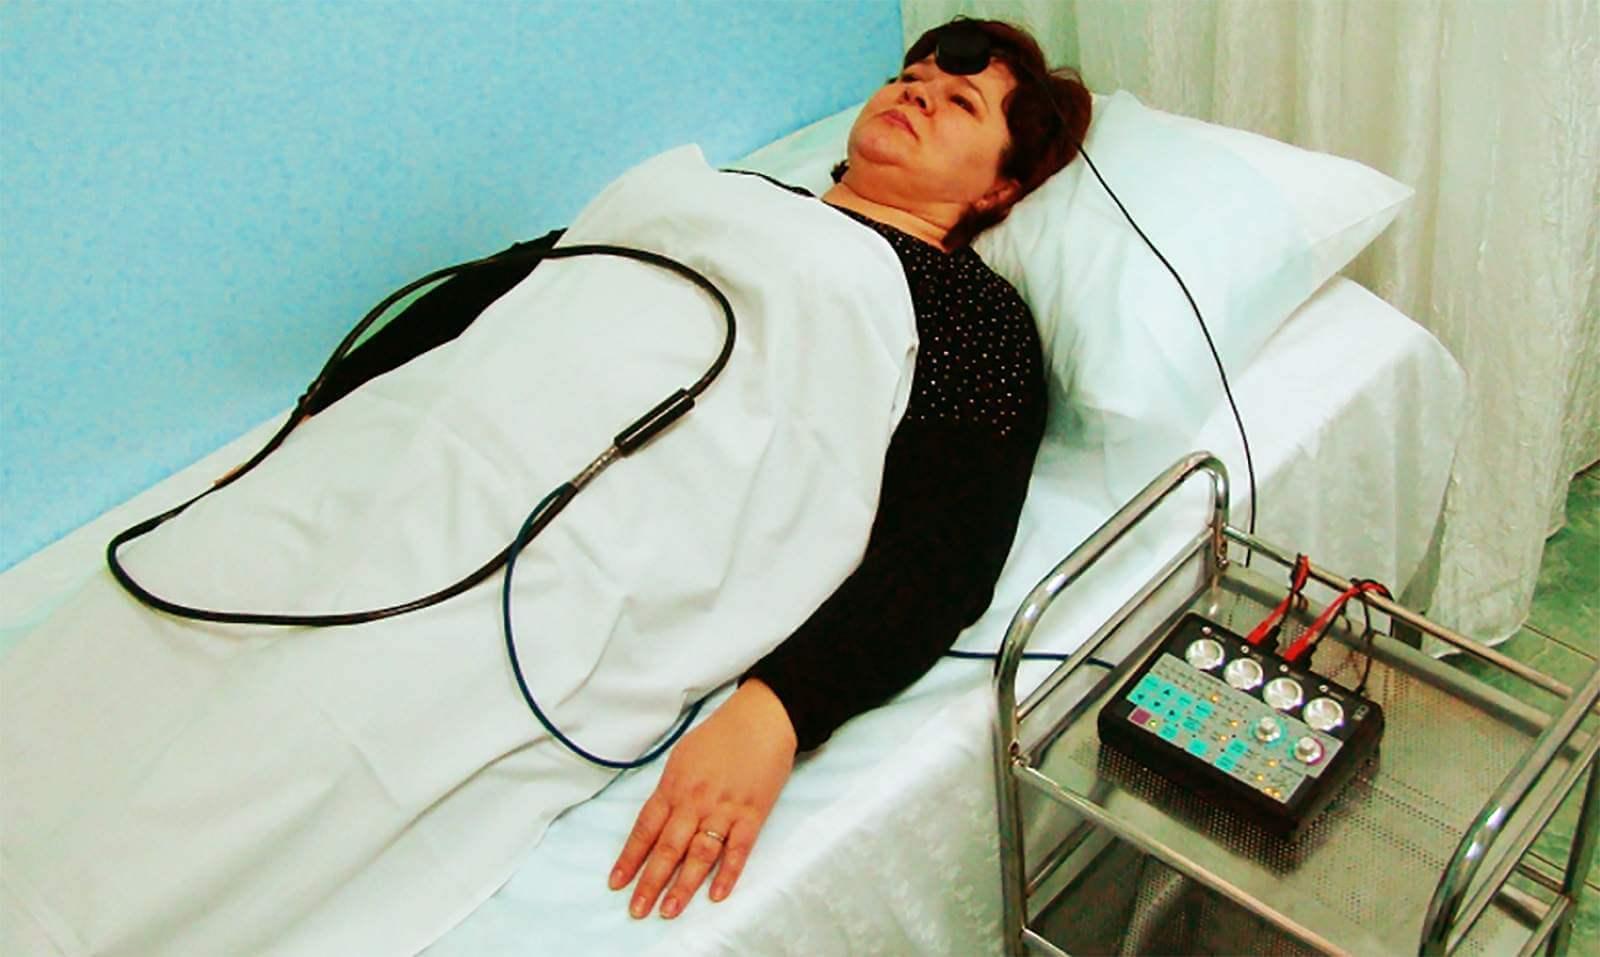 Процедура биорезонансной терапии